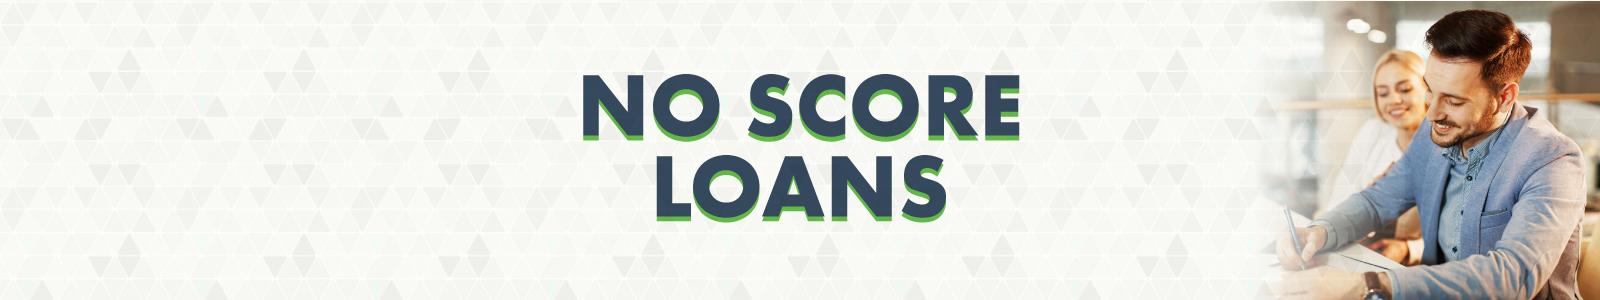 No-Score-Loans-Banner-3-wide